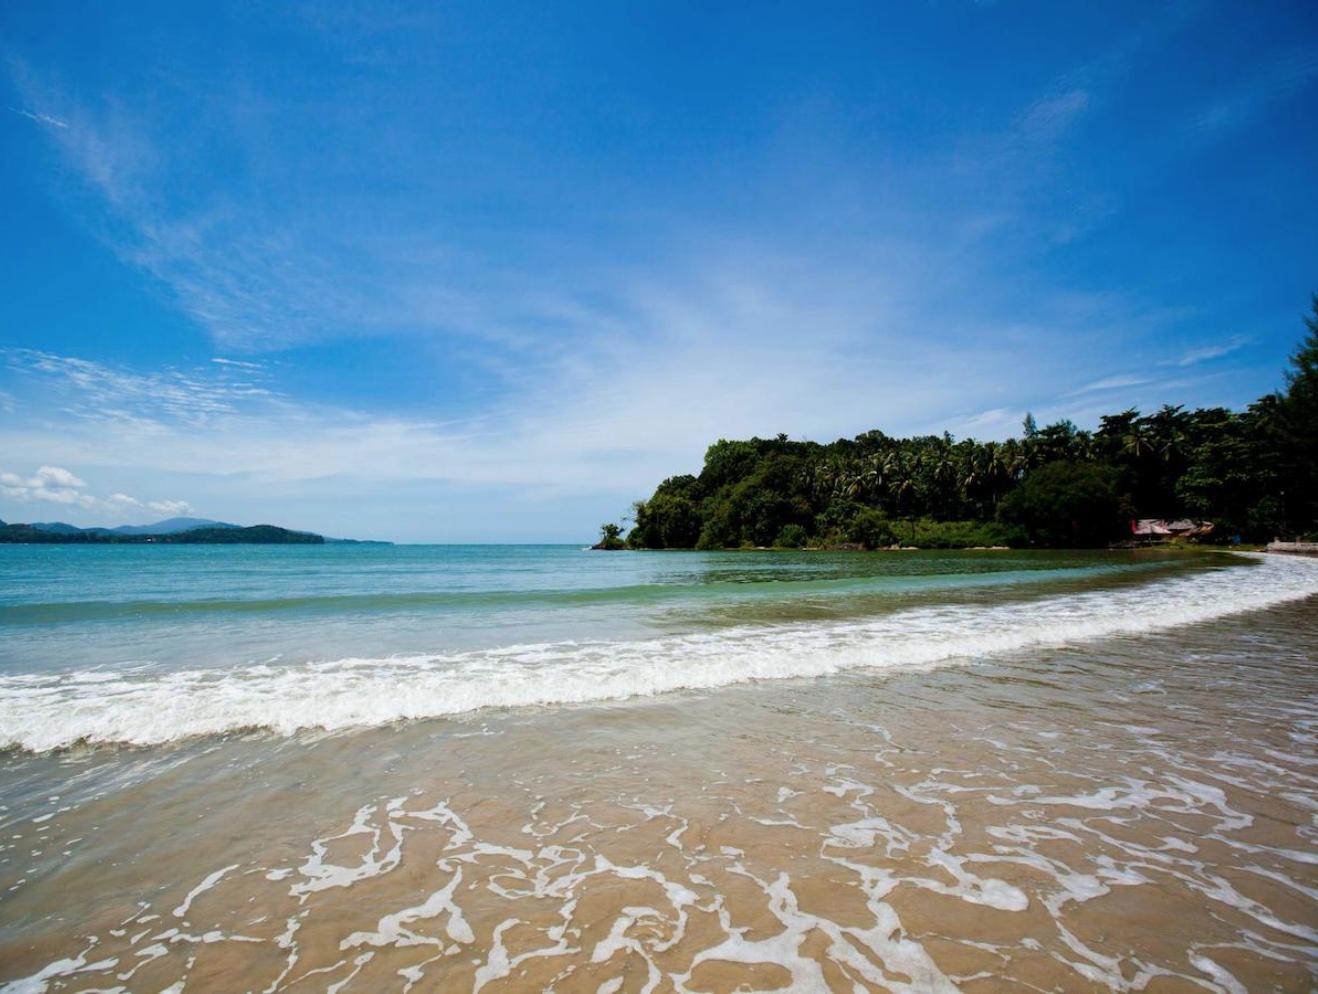 ที่พักในเกาะลันตา ราคาเริ่มต้นที่ 1,846 บาทพร้อมกับส่วนลดพิเศษใน booking เท่านั้น